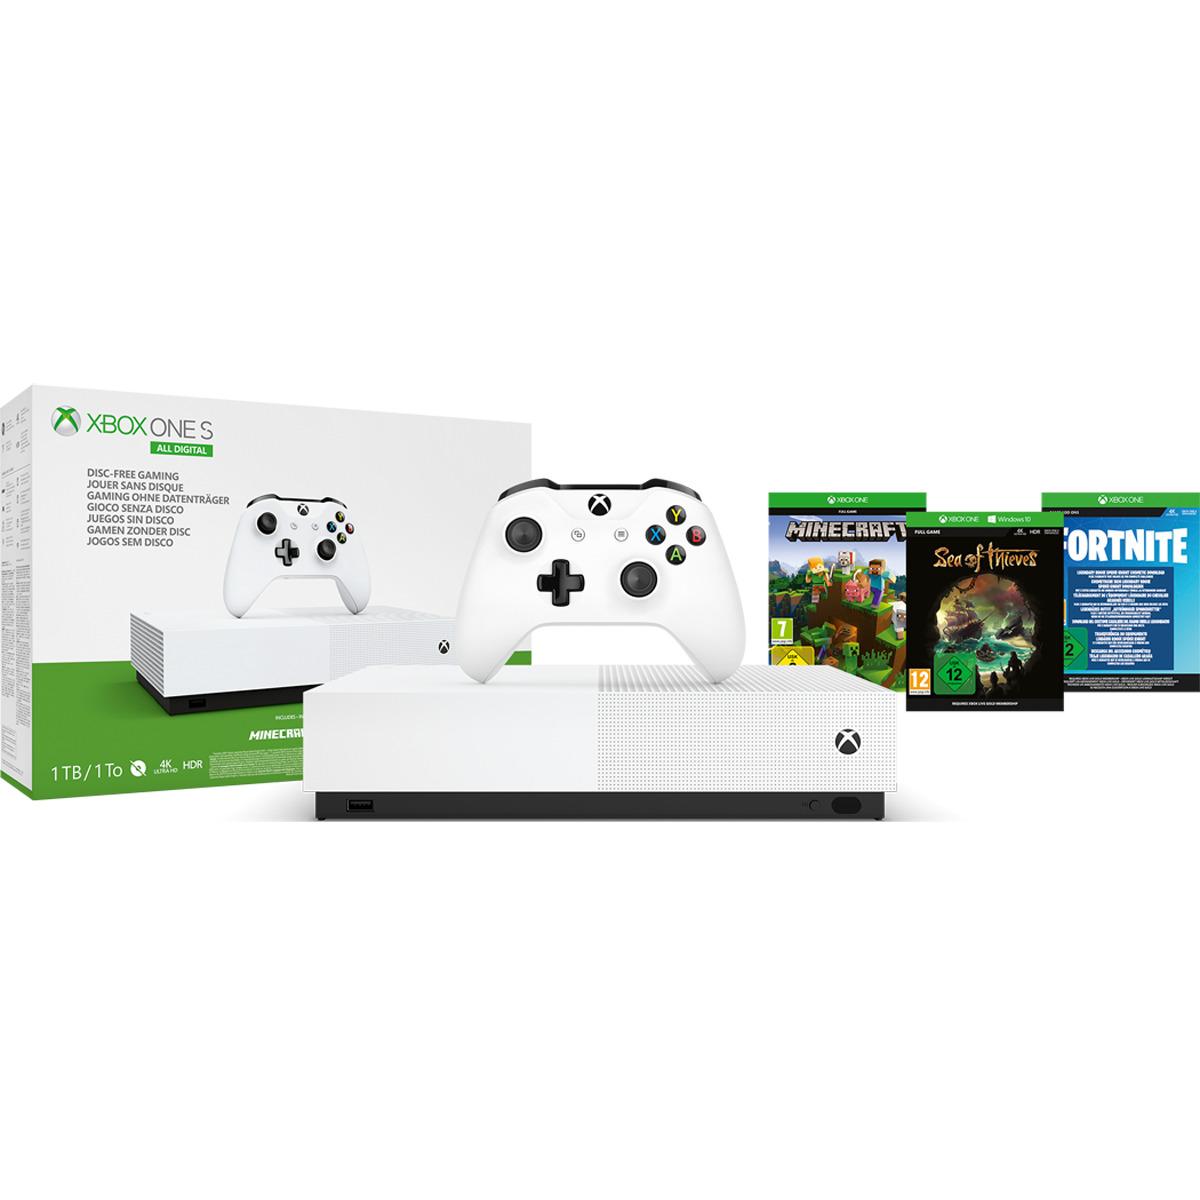 XBOX ONE S 1TB All-Digital Edition + (Sea of Thieves, Fortnite y Minecraft)